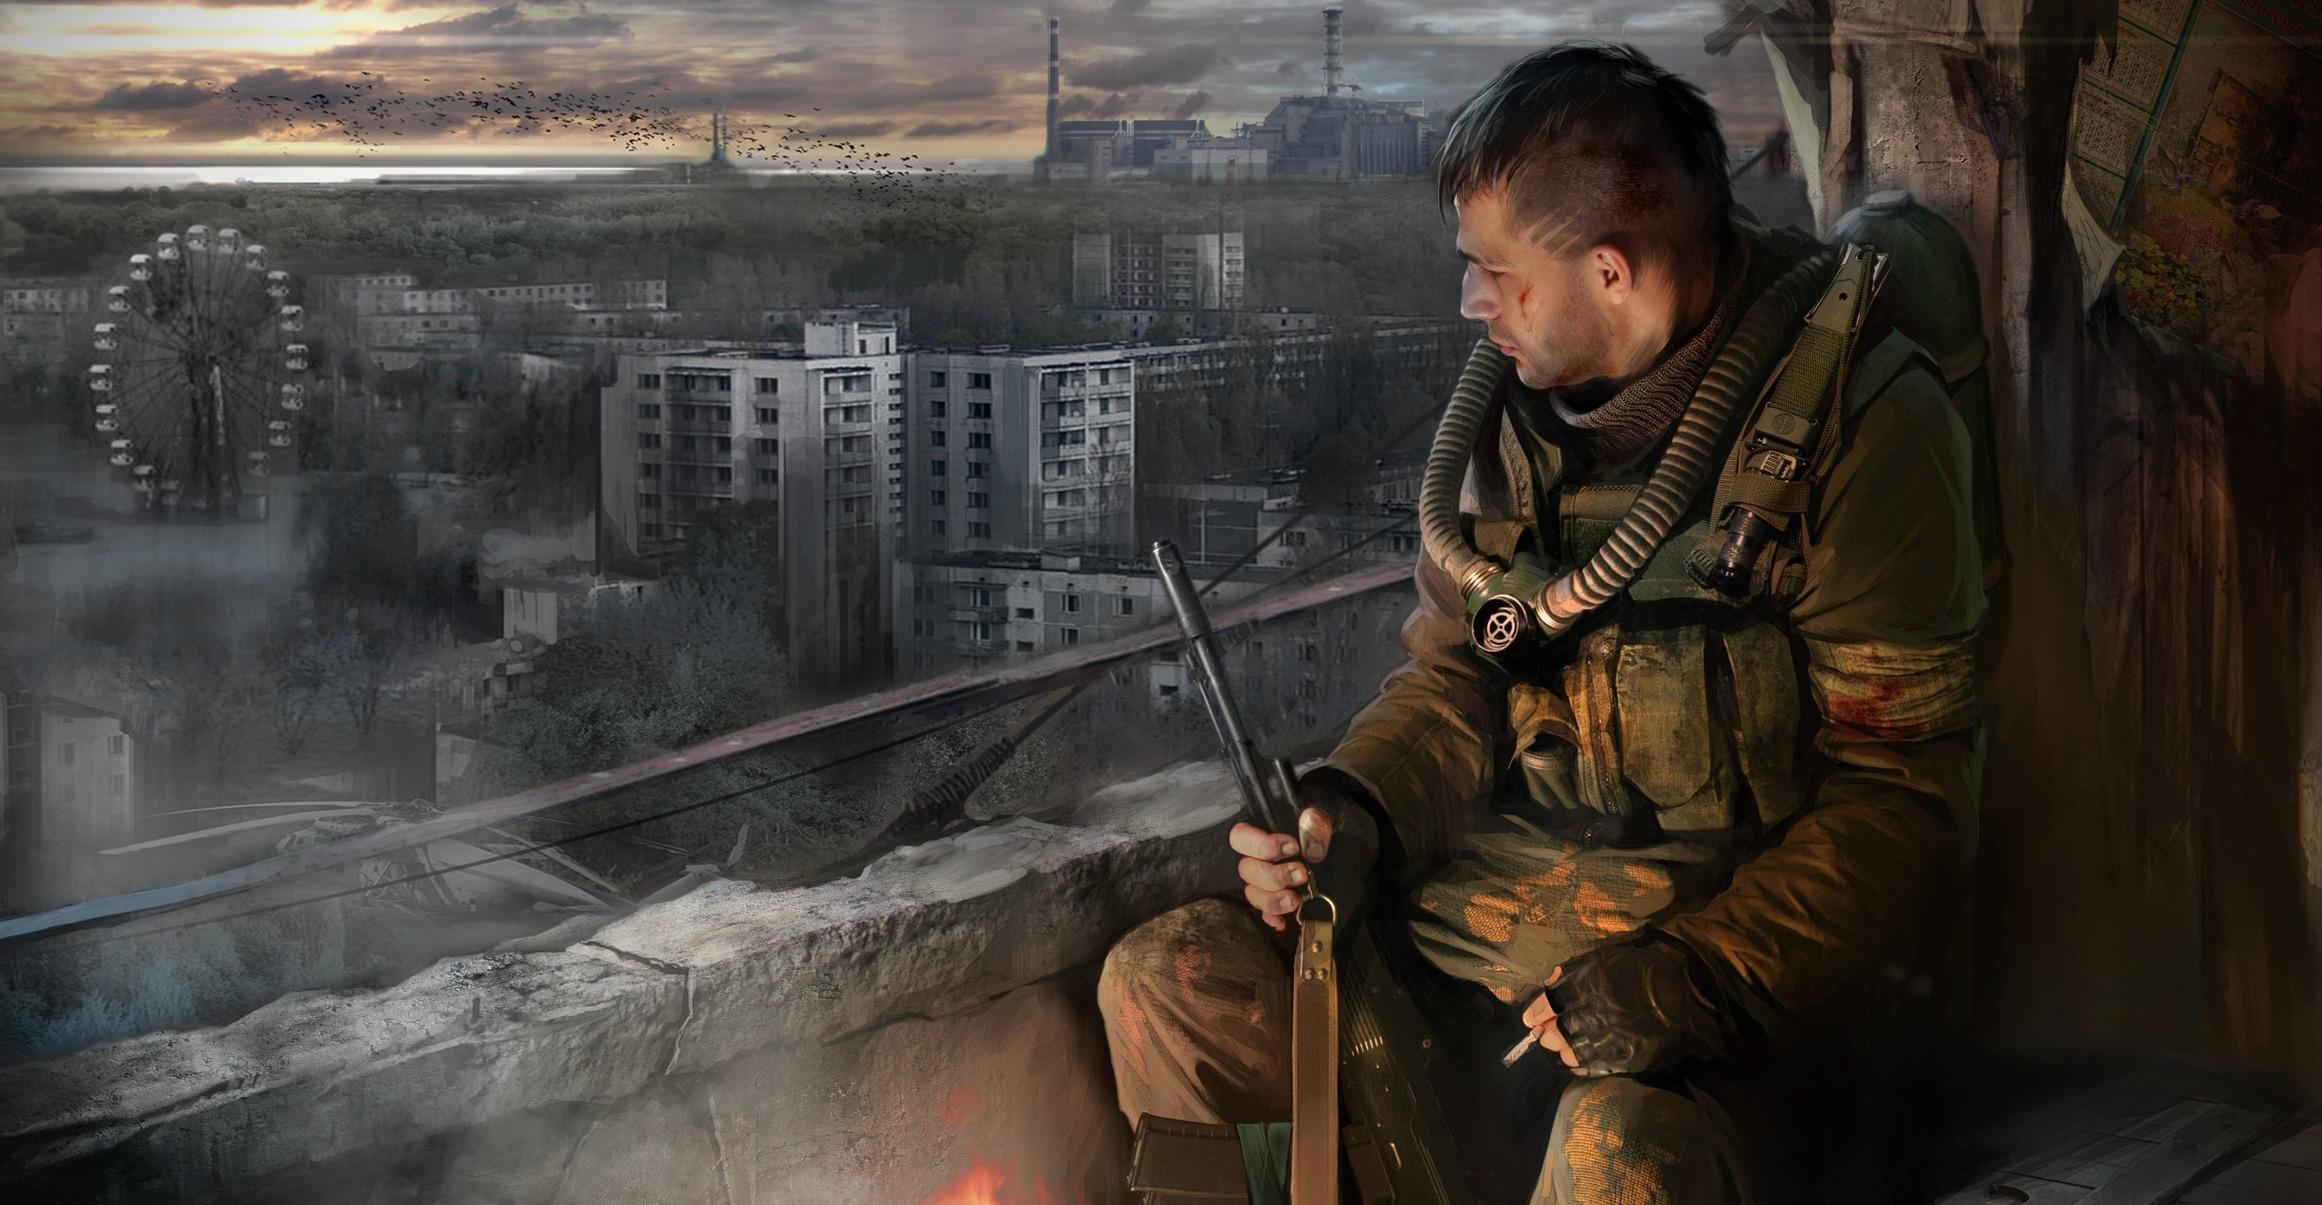 солдат, скачать фото, Сталкер, Stalker, wallpaper